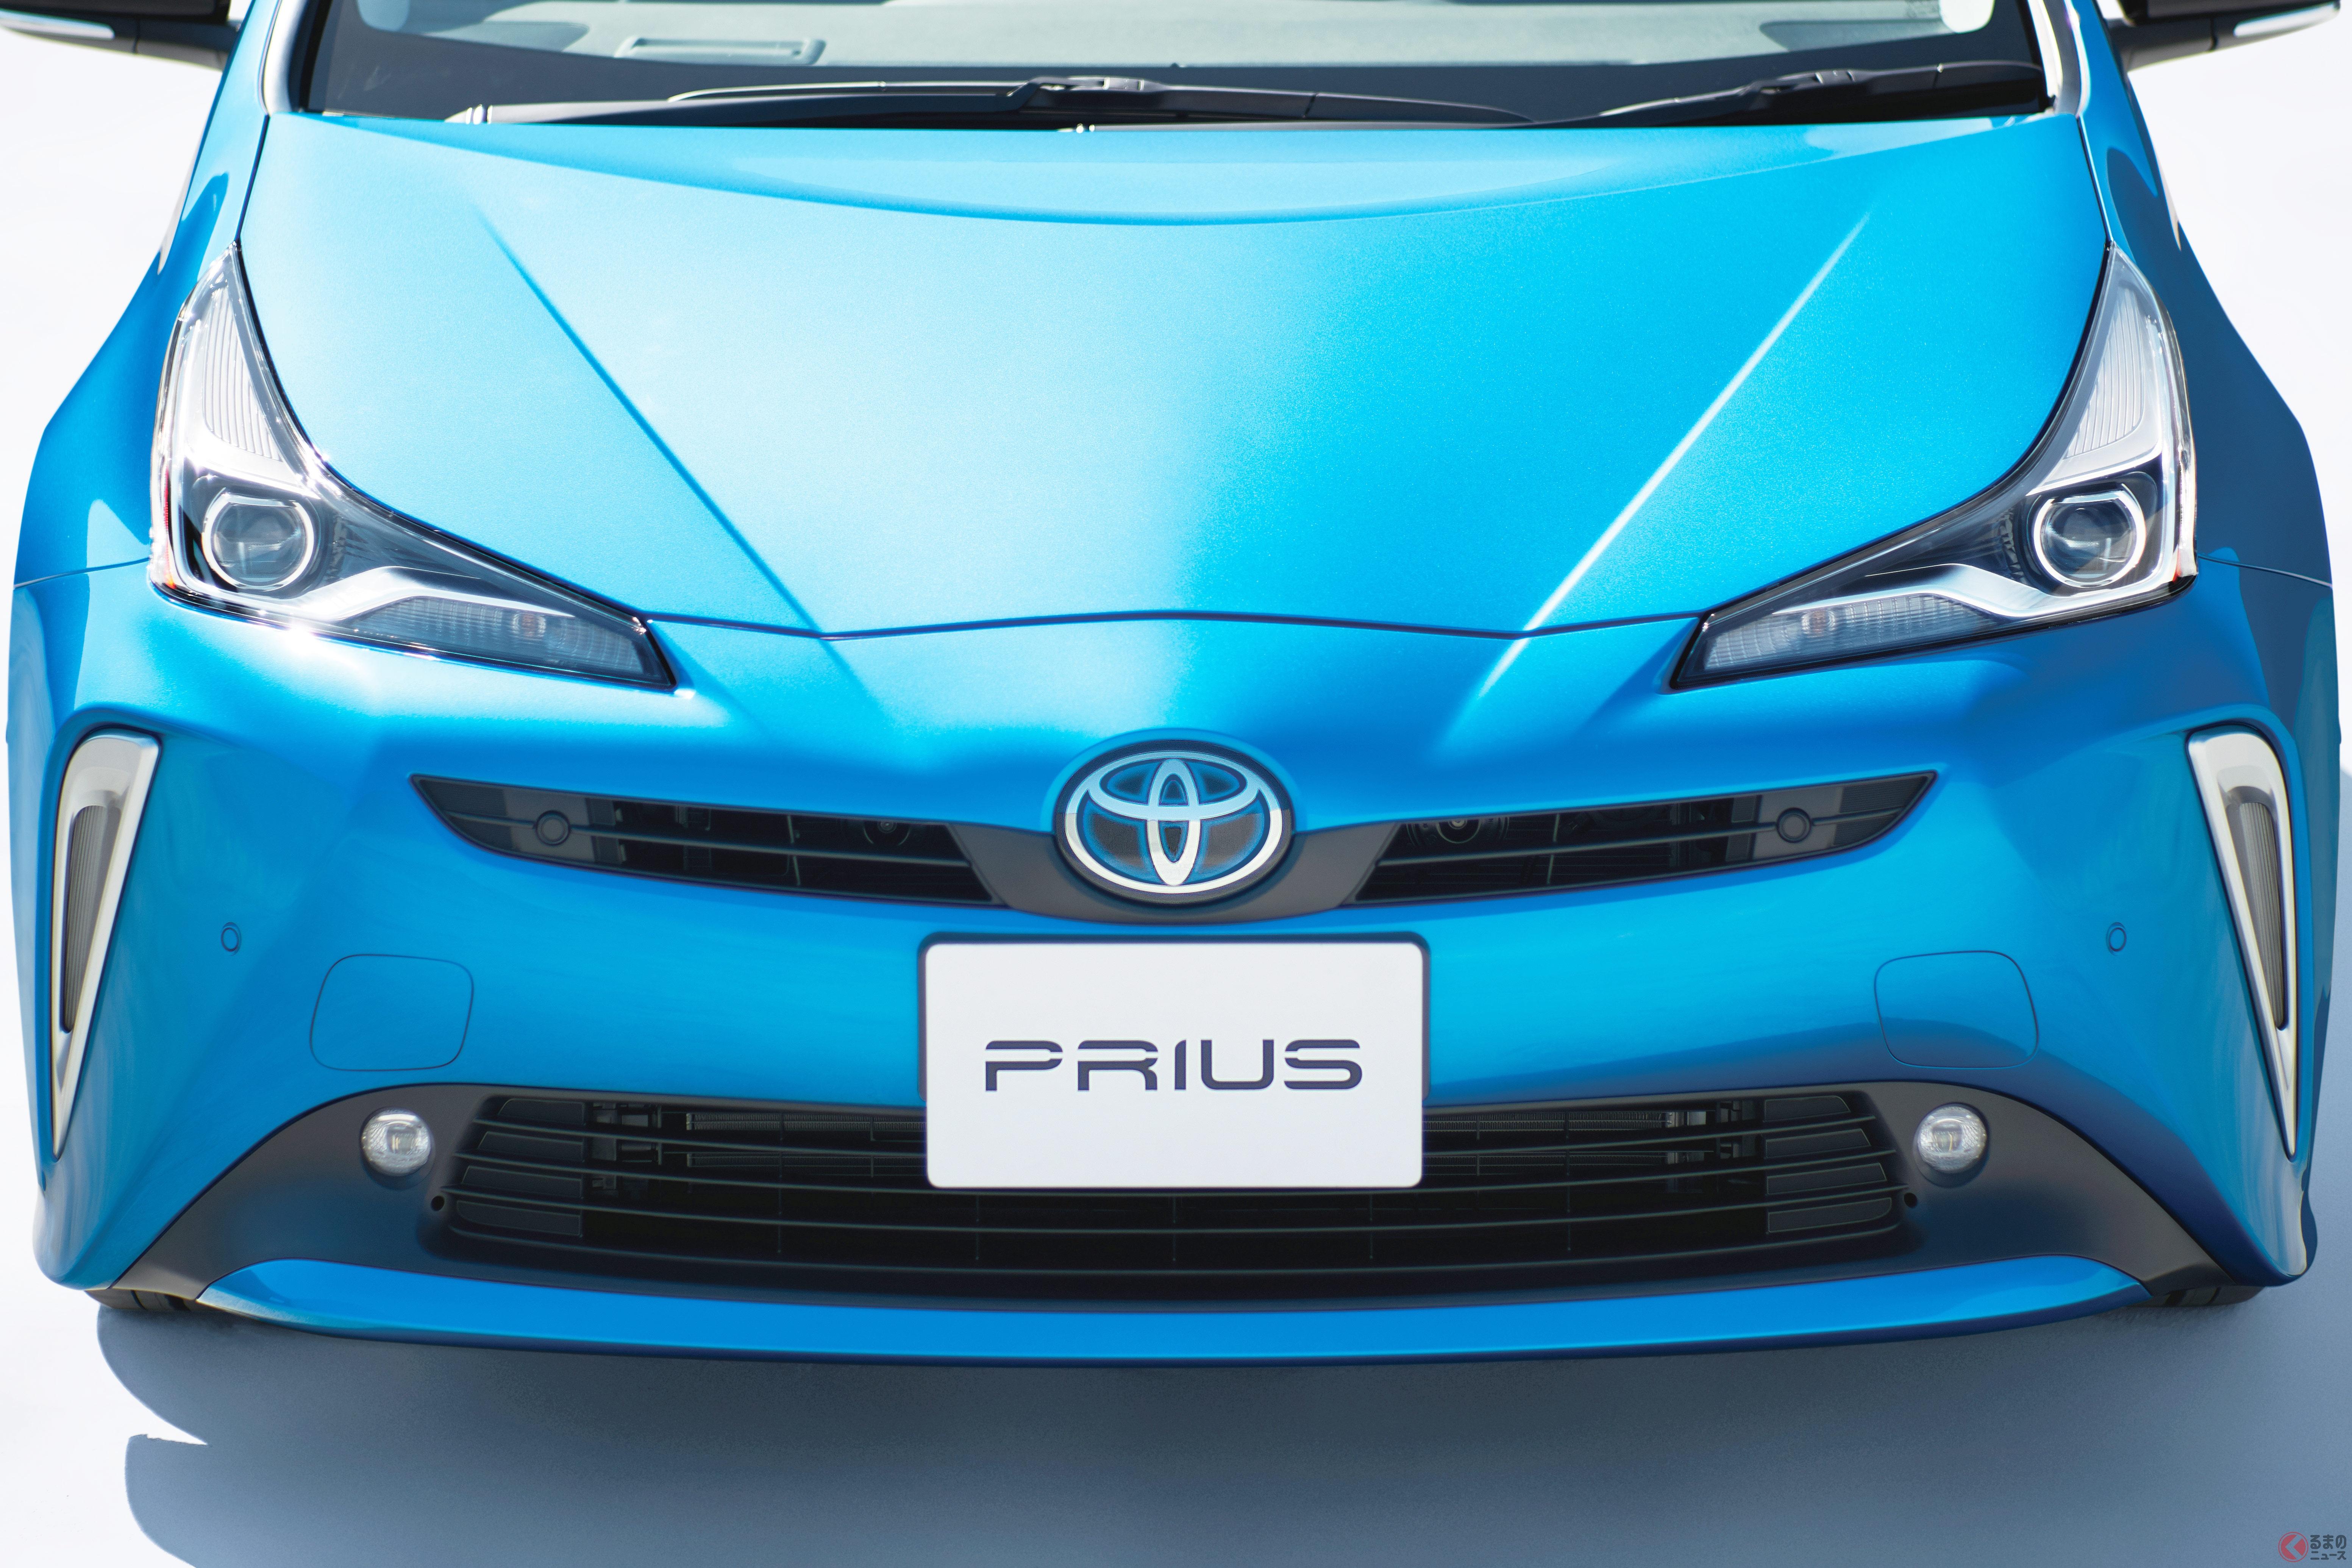 最近のハイブリッド車や電気自動車には「車両接近通報装置」が義務付けられている